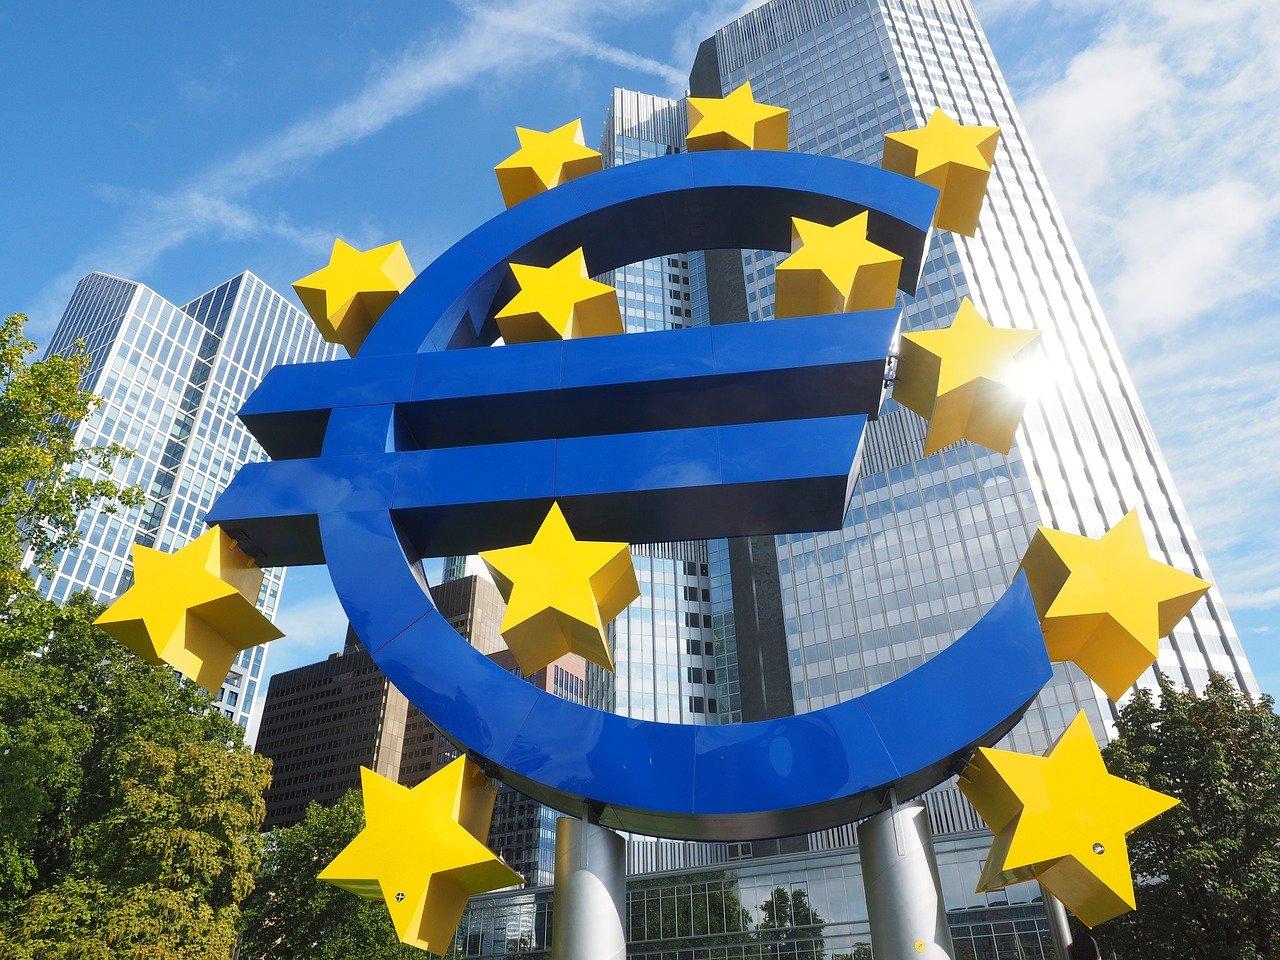 La commission européenne revoit à la hausse ses prévisions de croissance